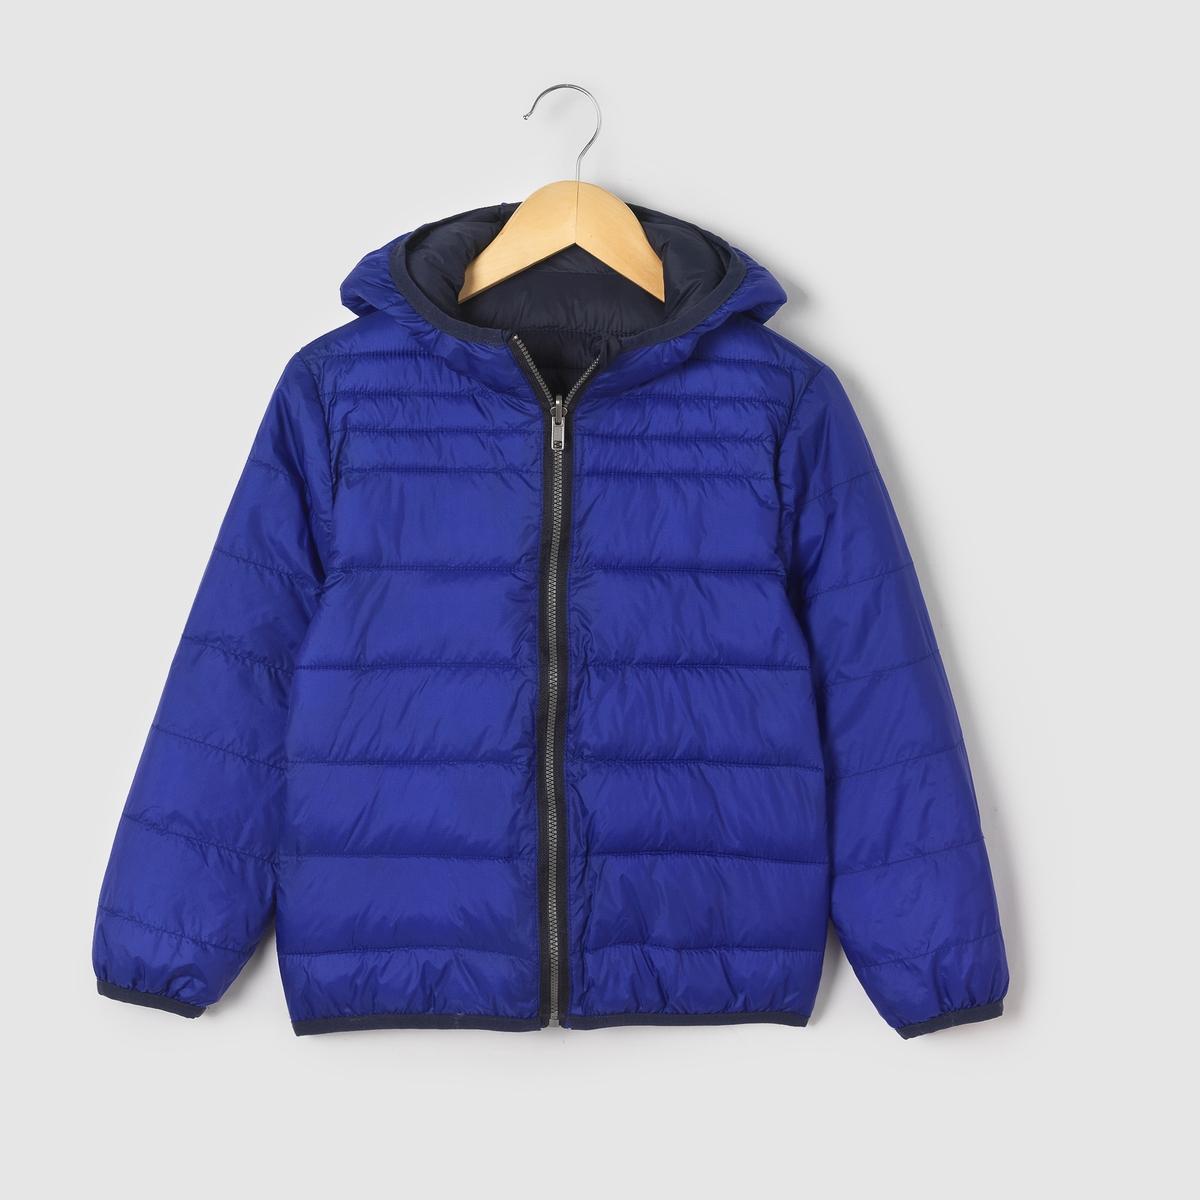 Куртка стеганая с капюшоном, двухсторонняя 3-12 летОписание:Детали •  Демисезонная модель •  Непромокаемая •  Застежка на молнию •  С капюшоном •  Длина : средняяСостав и уход •  100% полиэстер •  Подкладка : 100% полиэстер •  Наполнитель : 100% полиэстер •  Температура стирки 30° •  Сухая чистка и отбеливание запрещены •  Не использовать барабанную сушку •  Не гладитьДвухсторонняя легкая куртка: две стороны, две расцветки<br><br>Цвет: желтый/ хаки,темно-синий<br>Размер: 12 лет -150 см.10 лет - 138 см.12 лет -150 см.10 лет - 138 см.6 лет - 114 см.5 лет - 108 см.4 года - 102 см